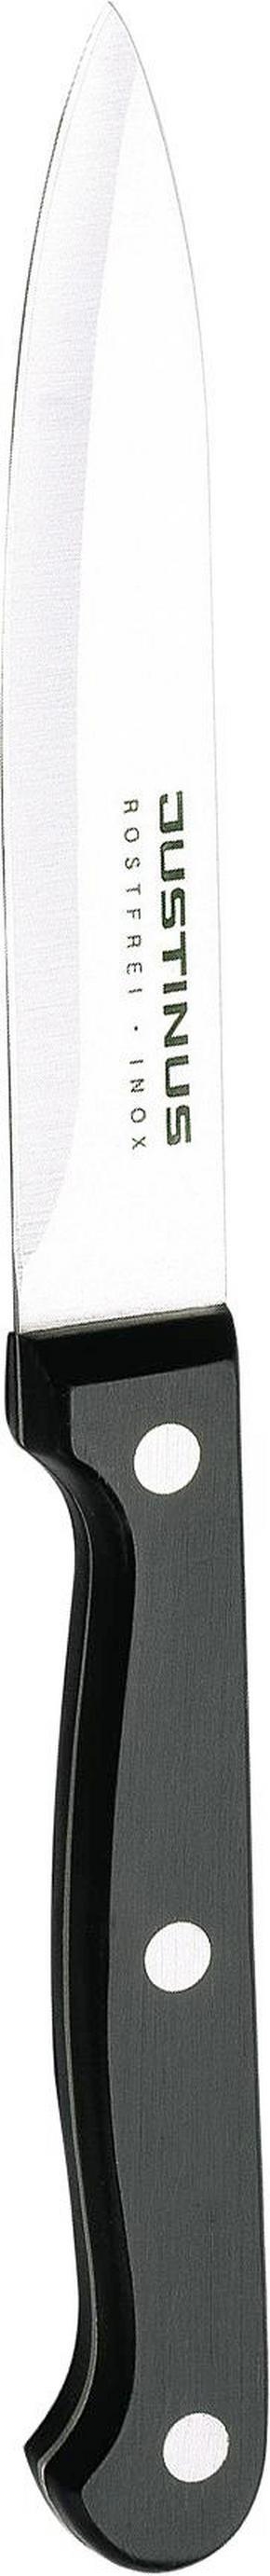 KÖKSKNIV - Basics, metall/plast (19,5cm) - Justinus